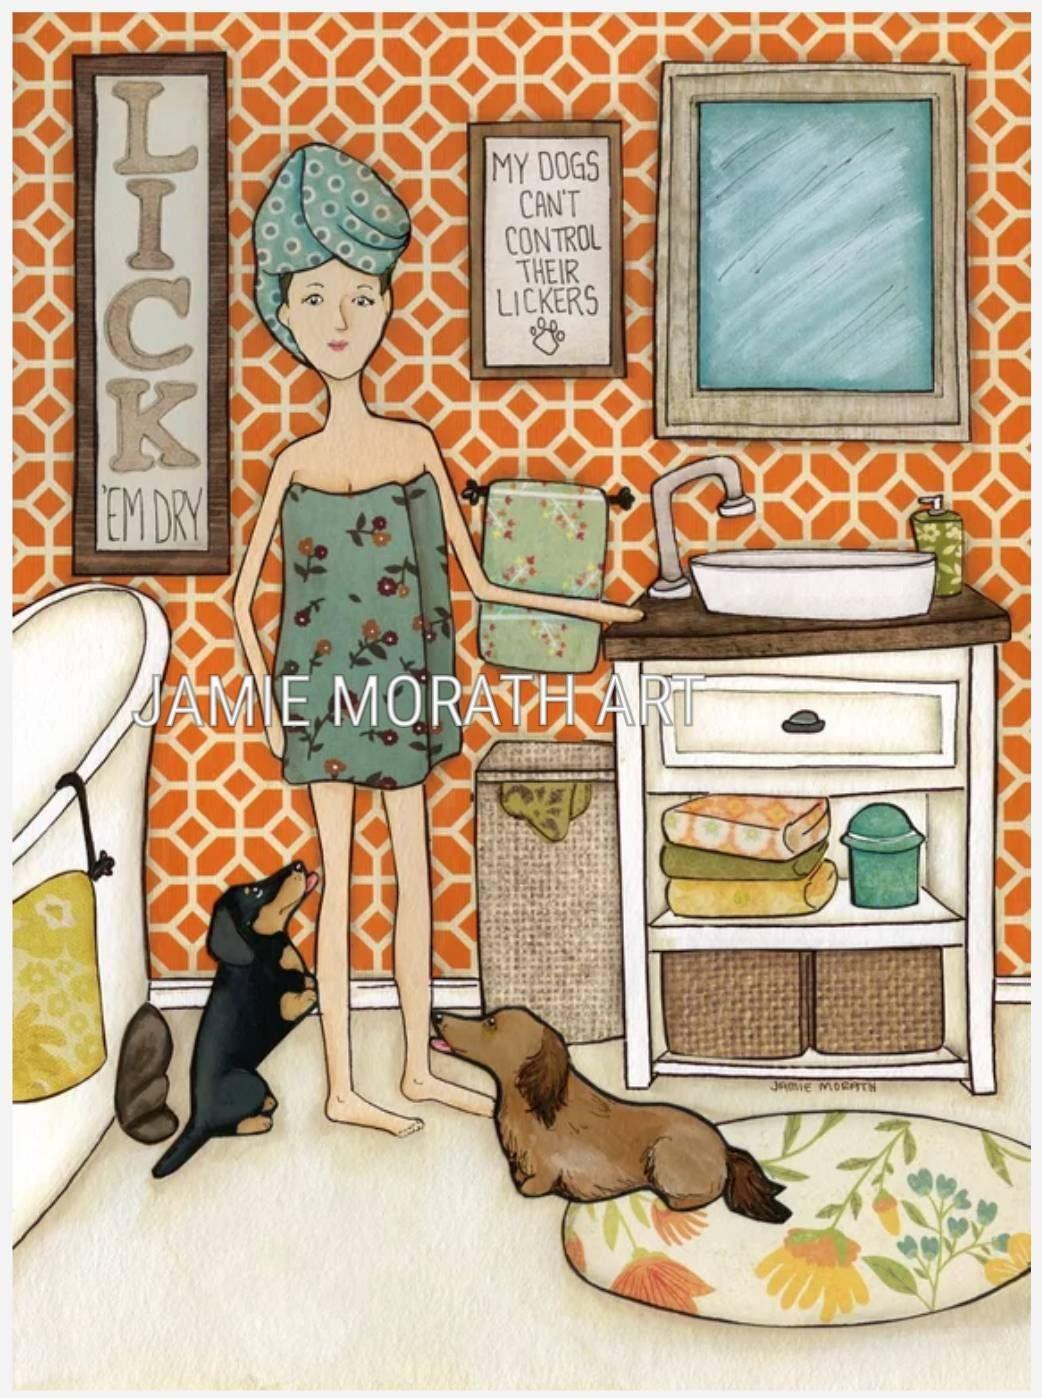 Lick'em Dry, dachshund doxie dog art print, bathroom home